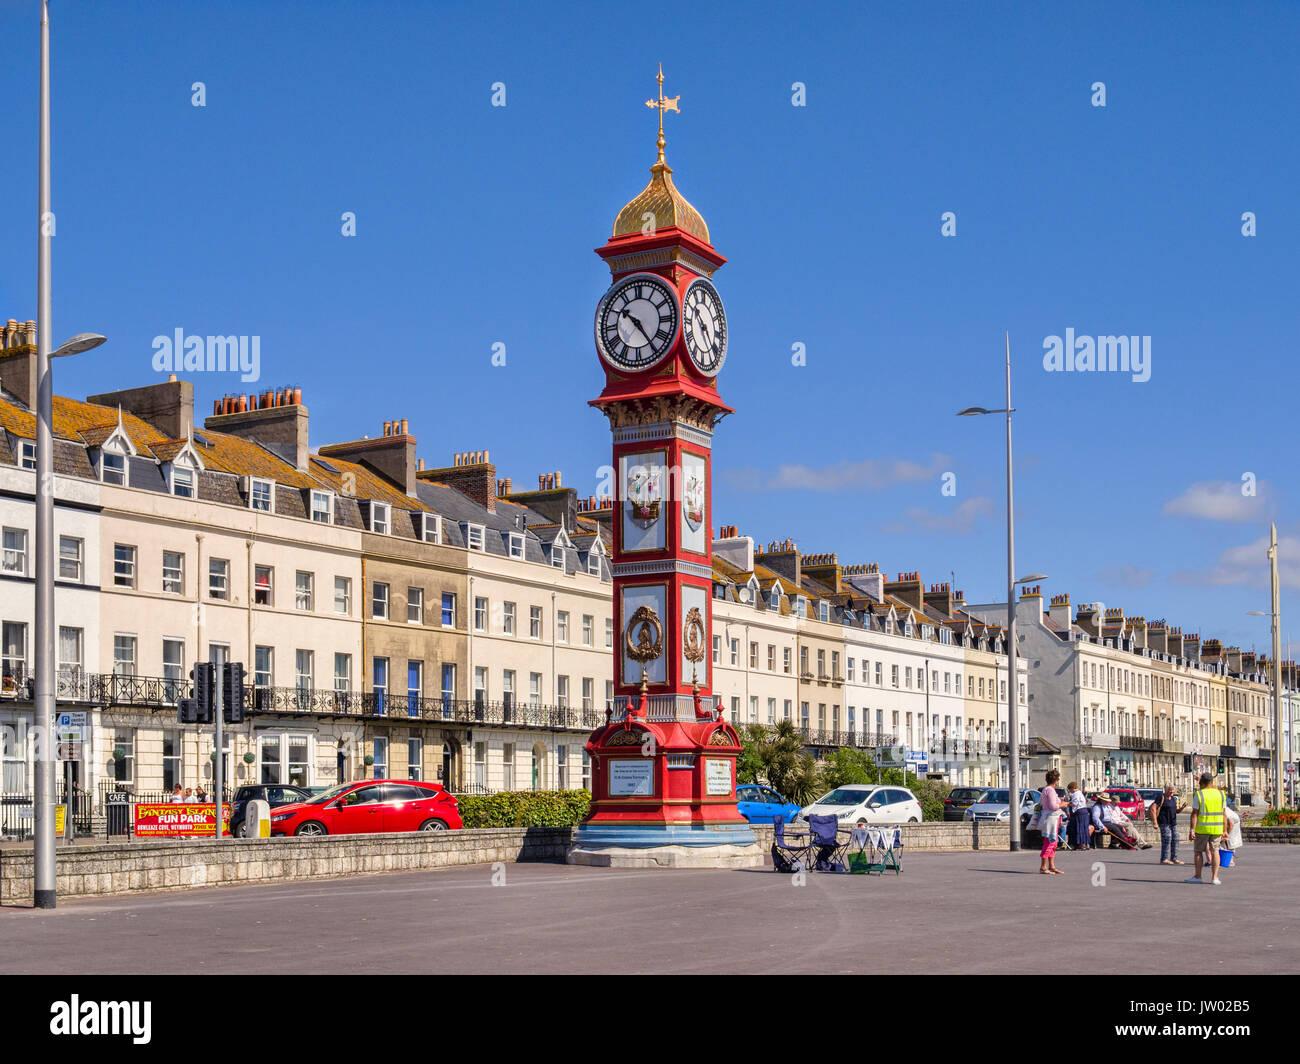 2 Juillet 2017: Weymouth, Dorset, England, UK - Le Jubilé Tour de l'horloge sur la promenade de Weymouth sur une belle journée ensoleillée avec ciel bleu clair. Photo Stock